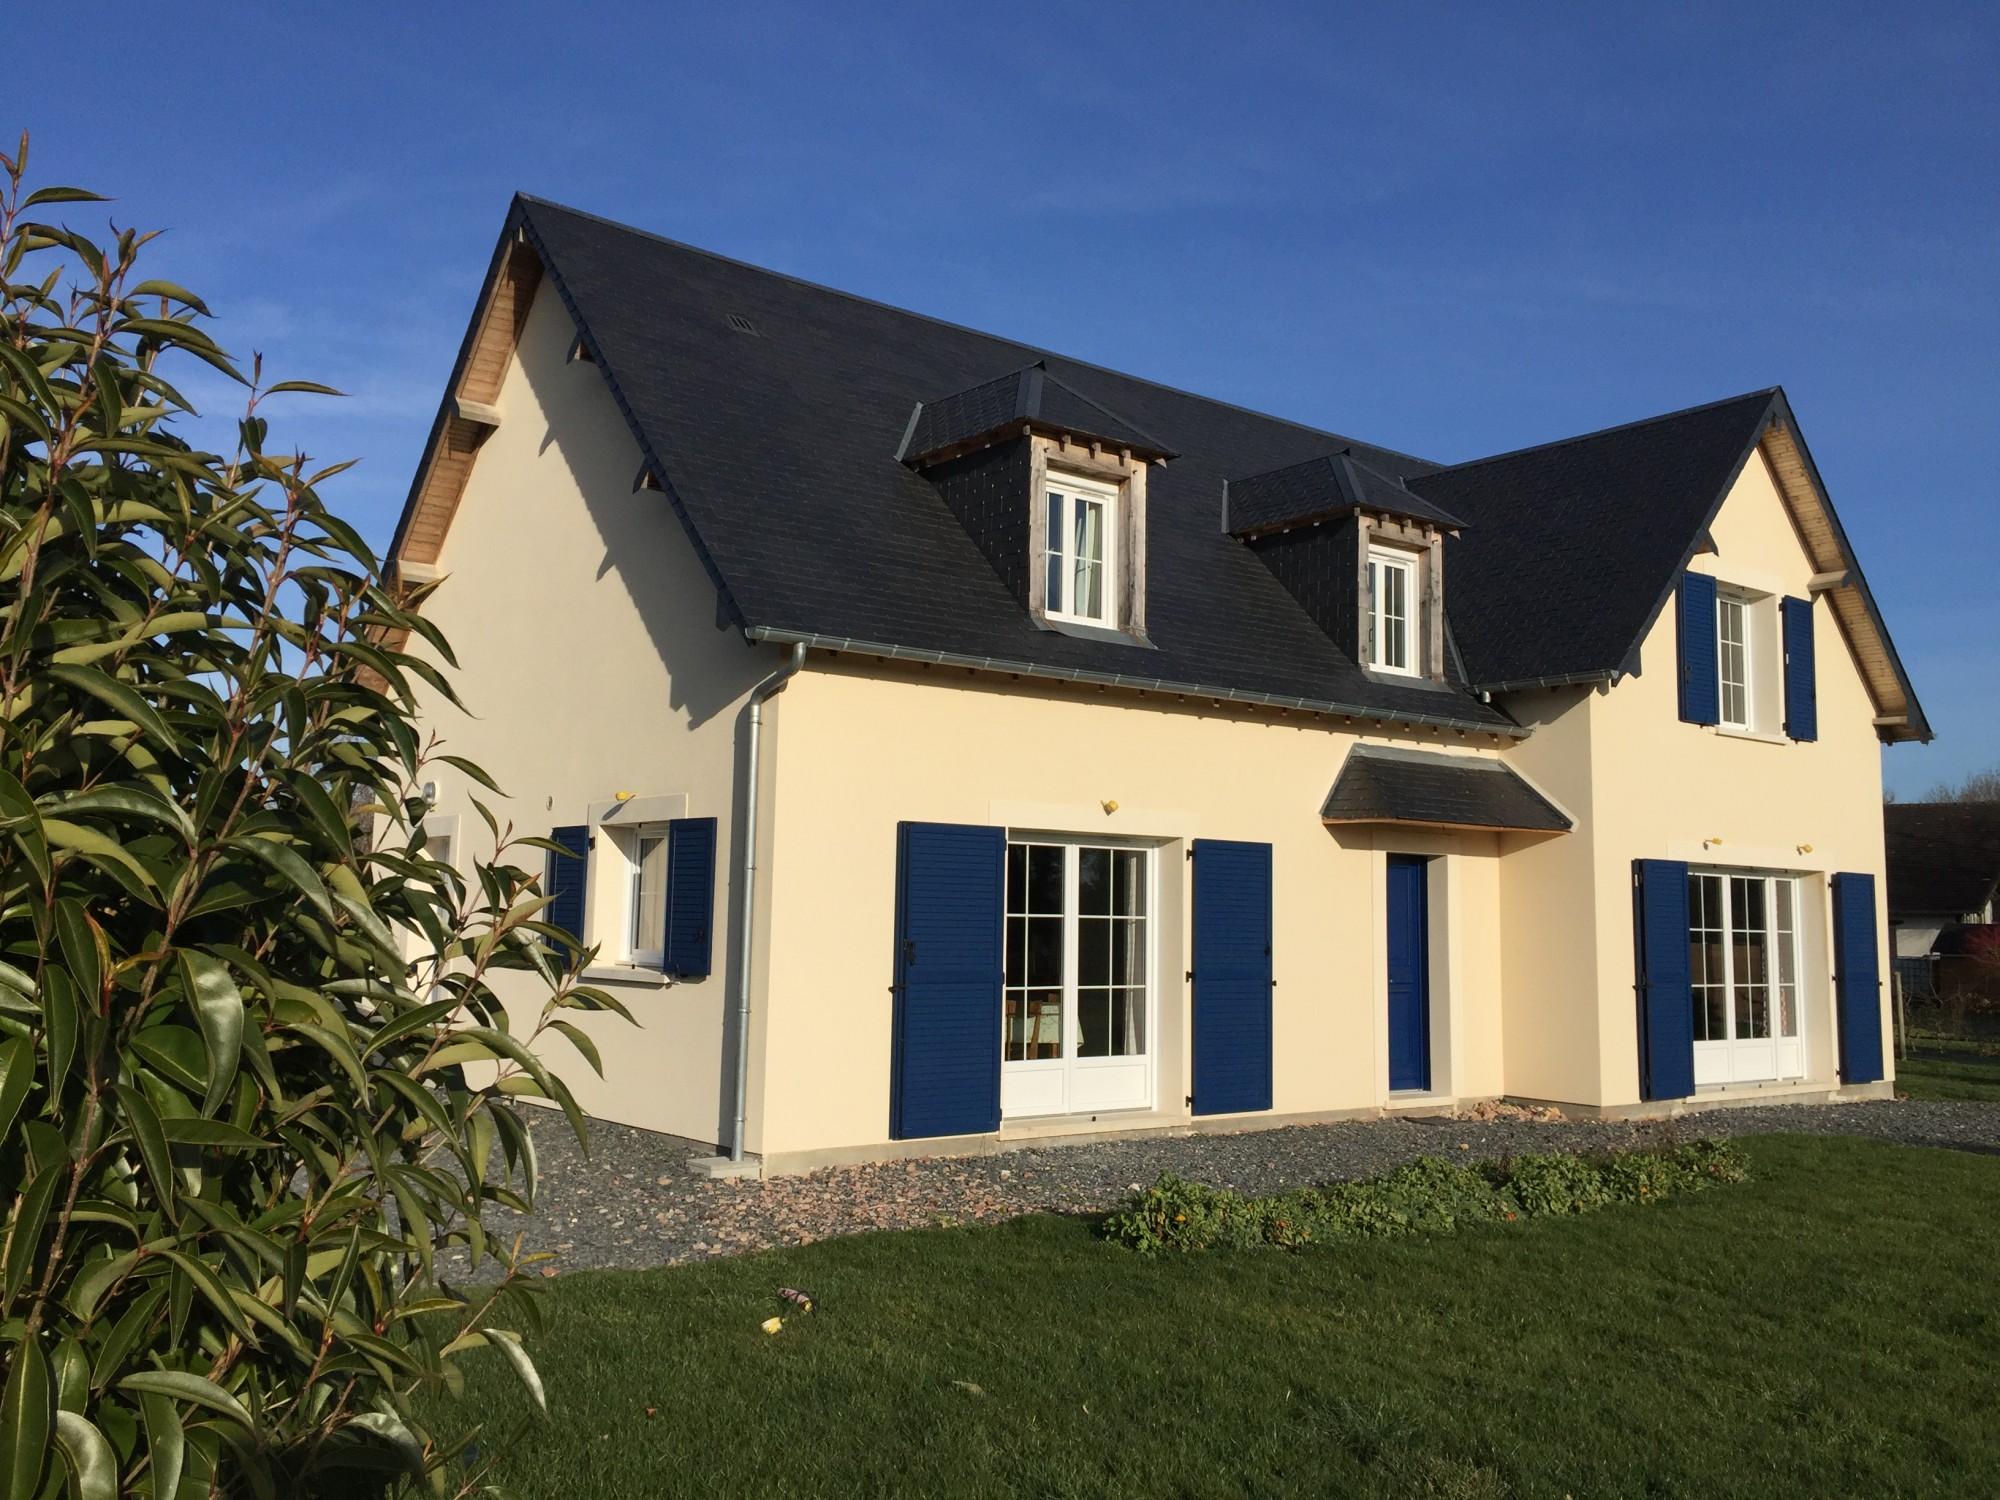 Maison contemporaine haute normandie maison moderne for Maison moderne normandie